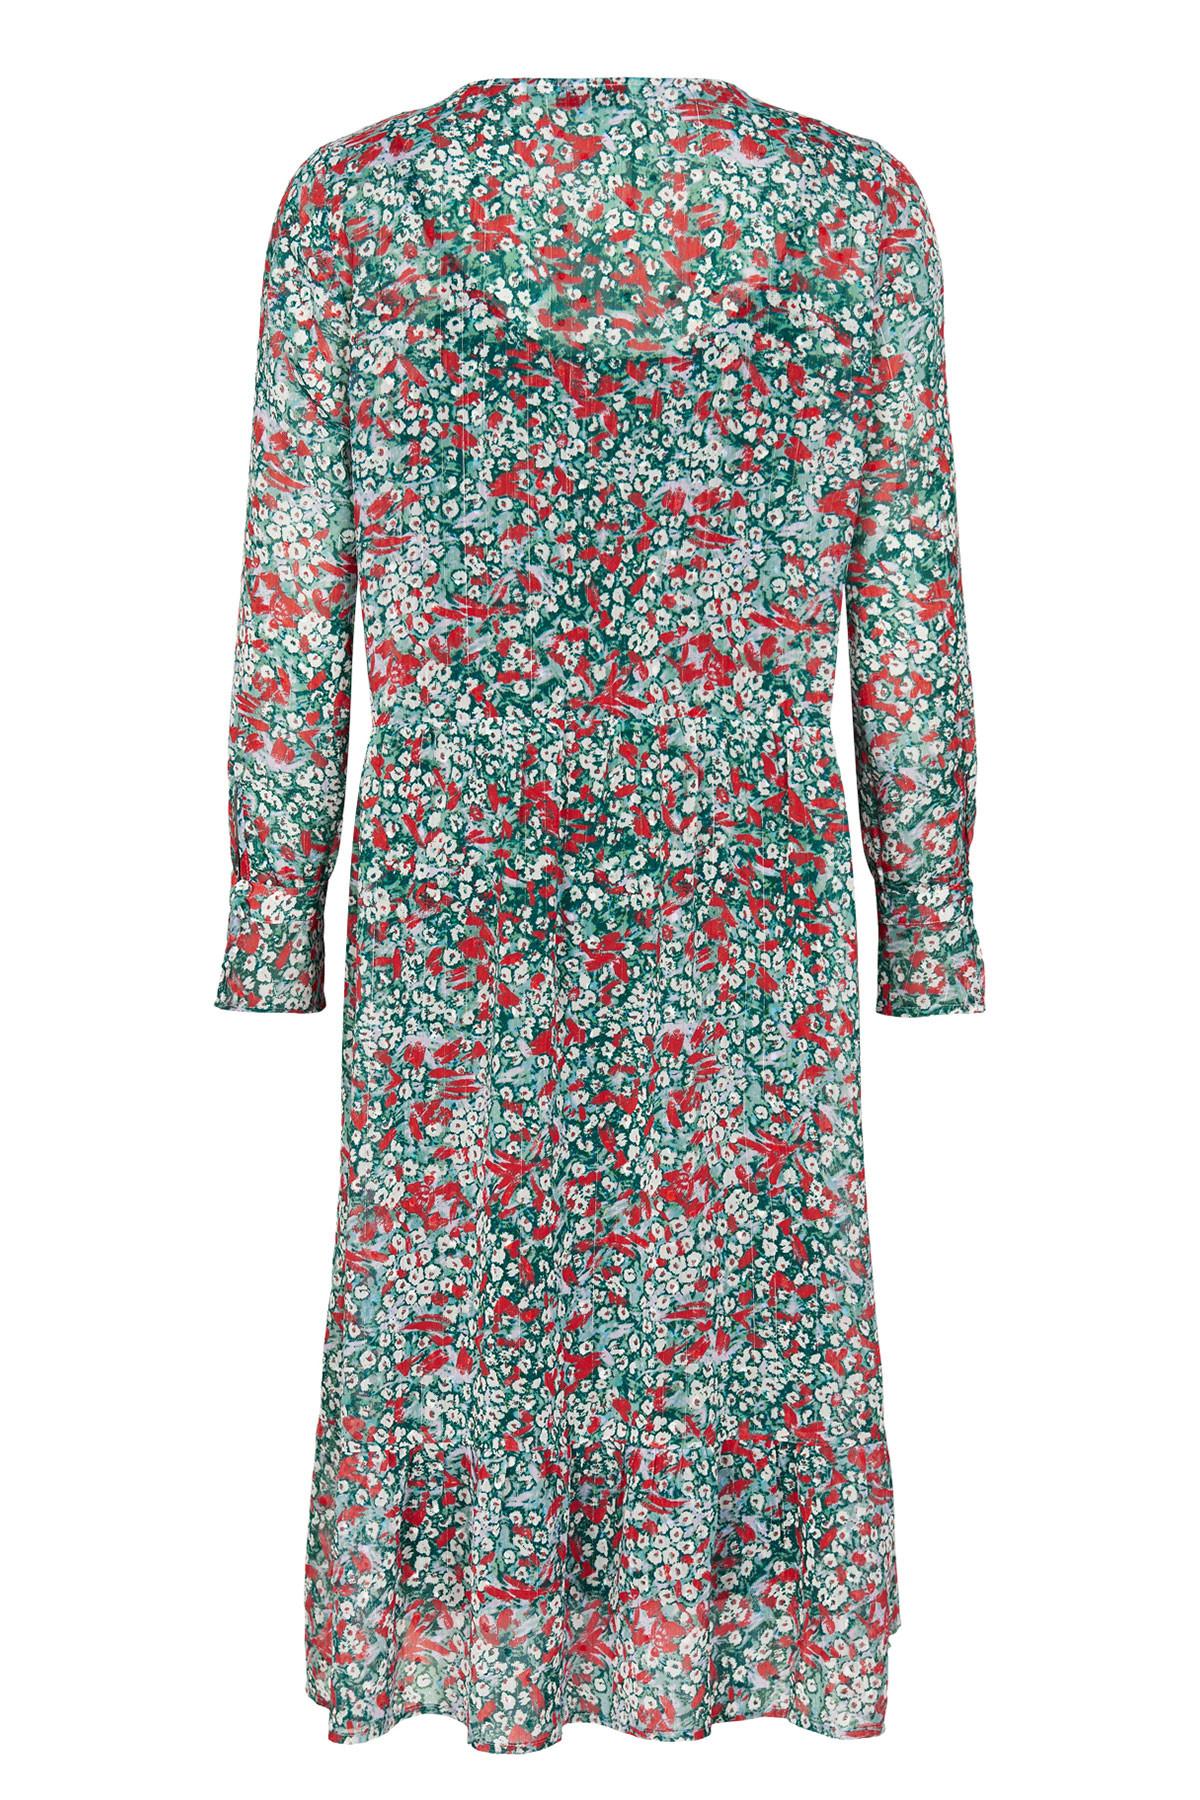 NÜMPH Nuaphra kjole » Køb den her